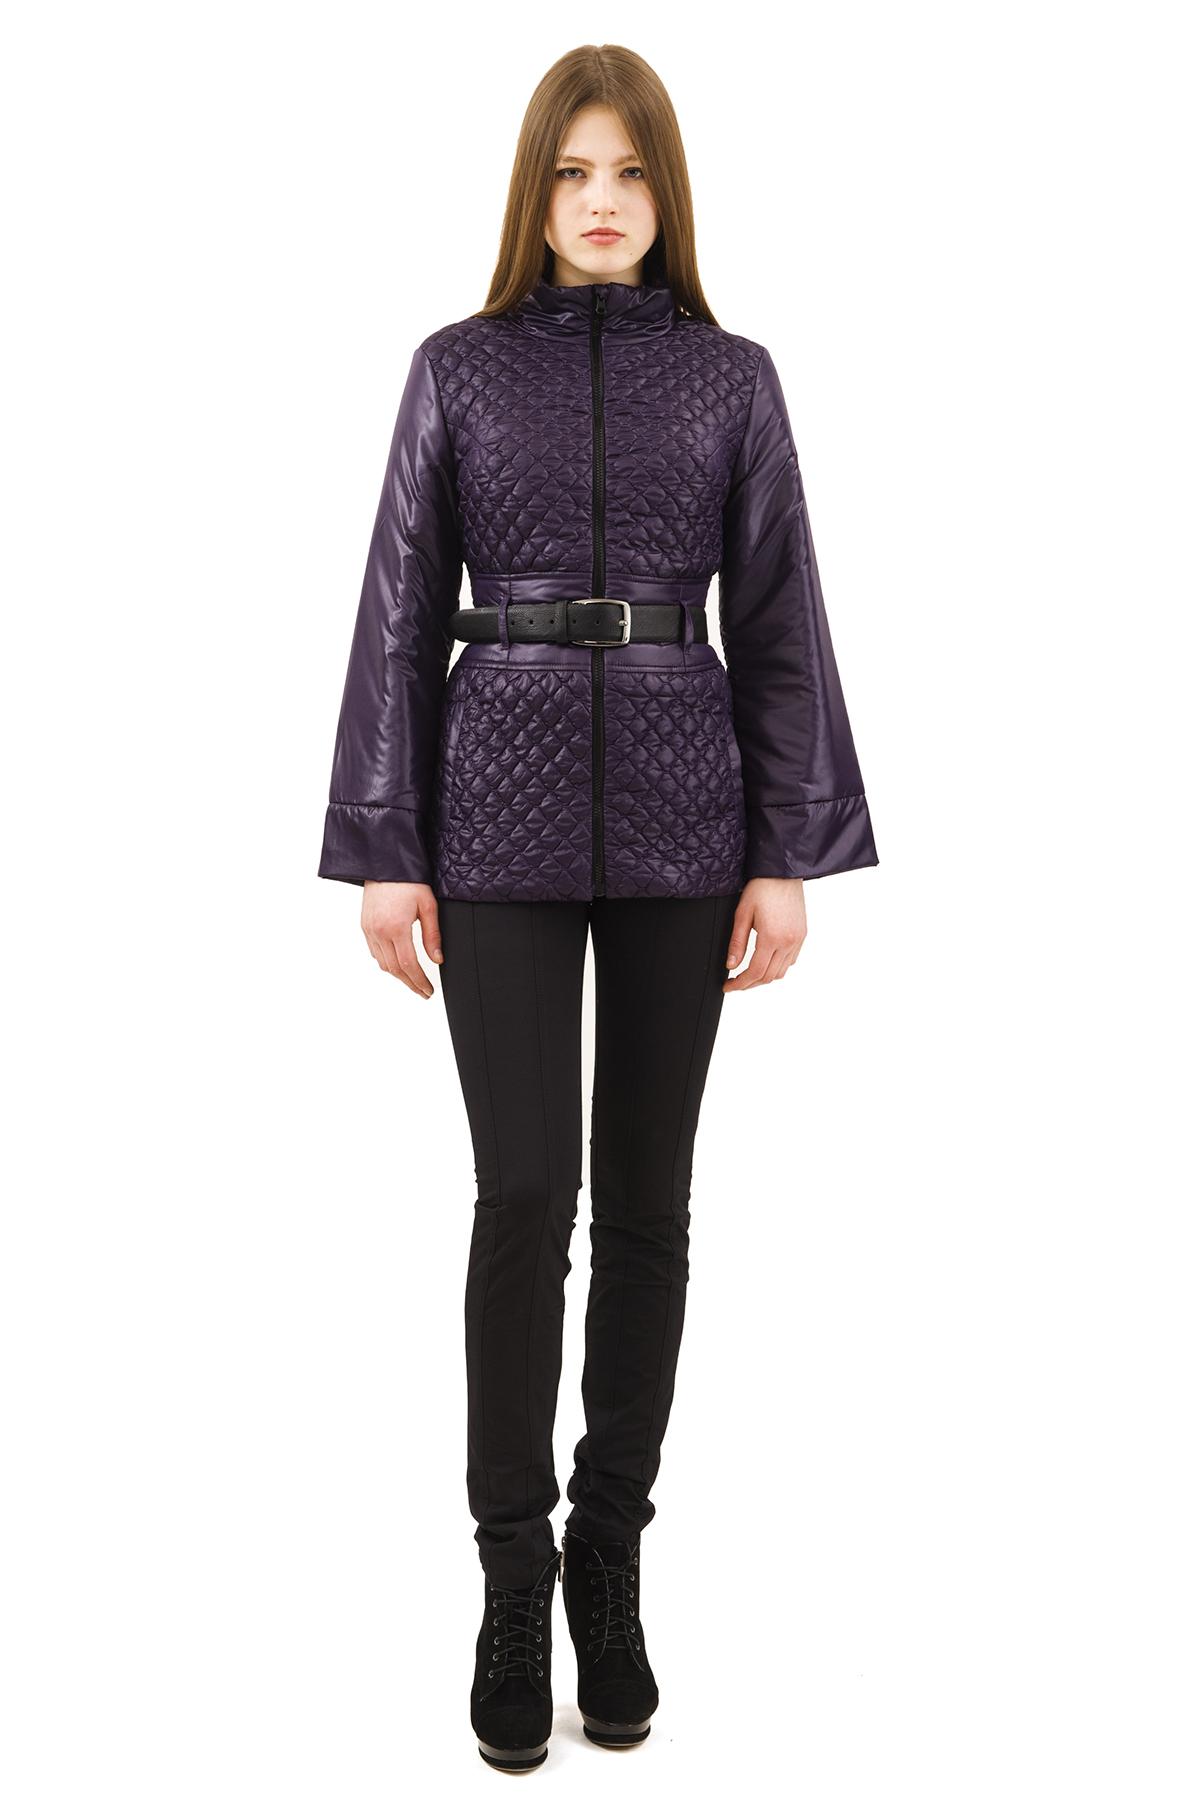 КурткаЖенские куртки, плащи, пальто<br>Стильная куртка для современных жительниц мегаполиса. Выполнена из высококачественного комфортного материала. Эта вещь станет идеальным вариантом для создания современного образа любой девушки.<br><br>Цвет: фиолетовый<br>Состав: 100% полиэстер, подкладка- 100% полиэстер<br>Размер: 40,48,50,52,54,56,60<br>Страна дизайна: Россия<br>Страна производства: Россия